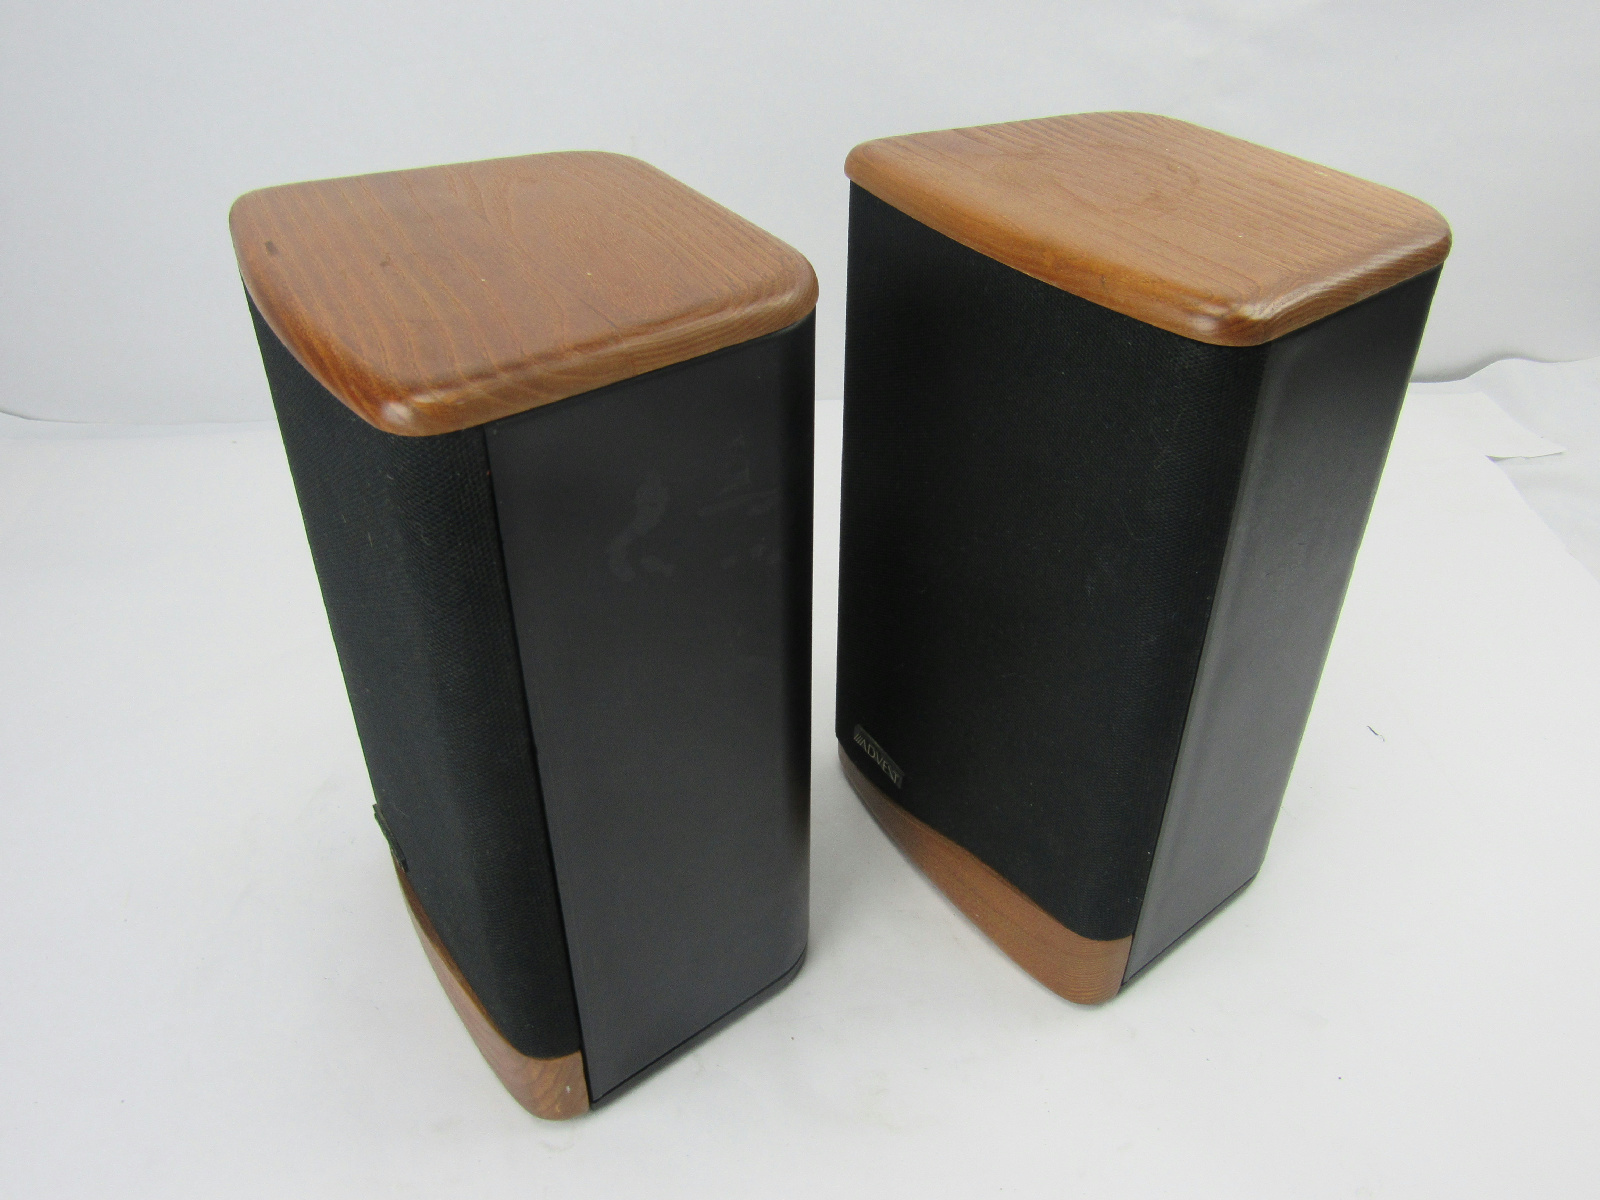 advent mini advent ii speaker pair 15767. Black Bedroom Furniture Sets. Home Design Ideas